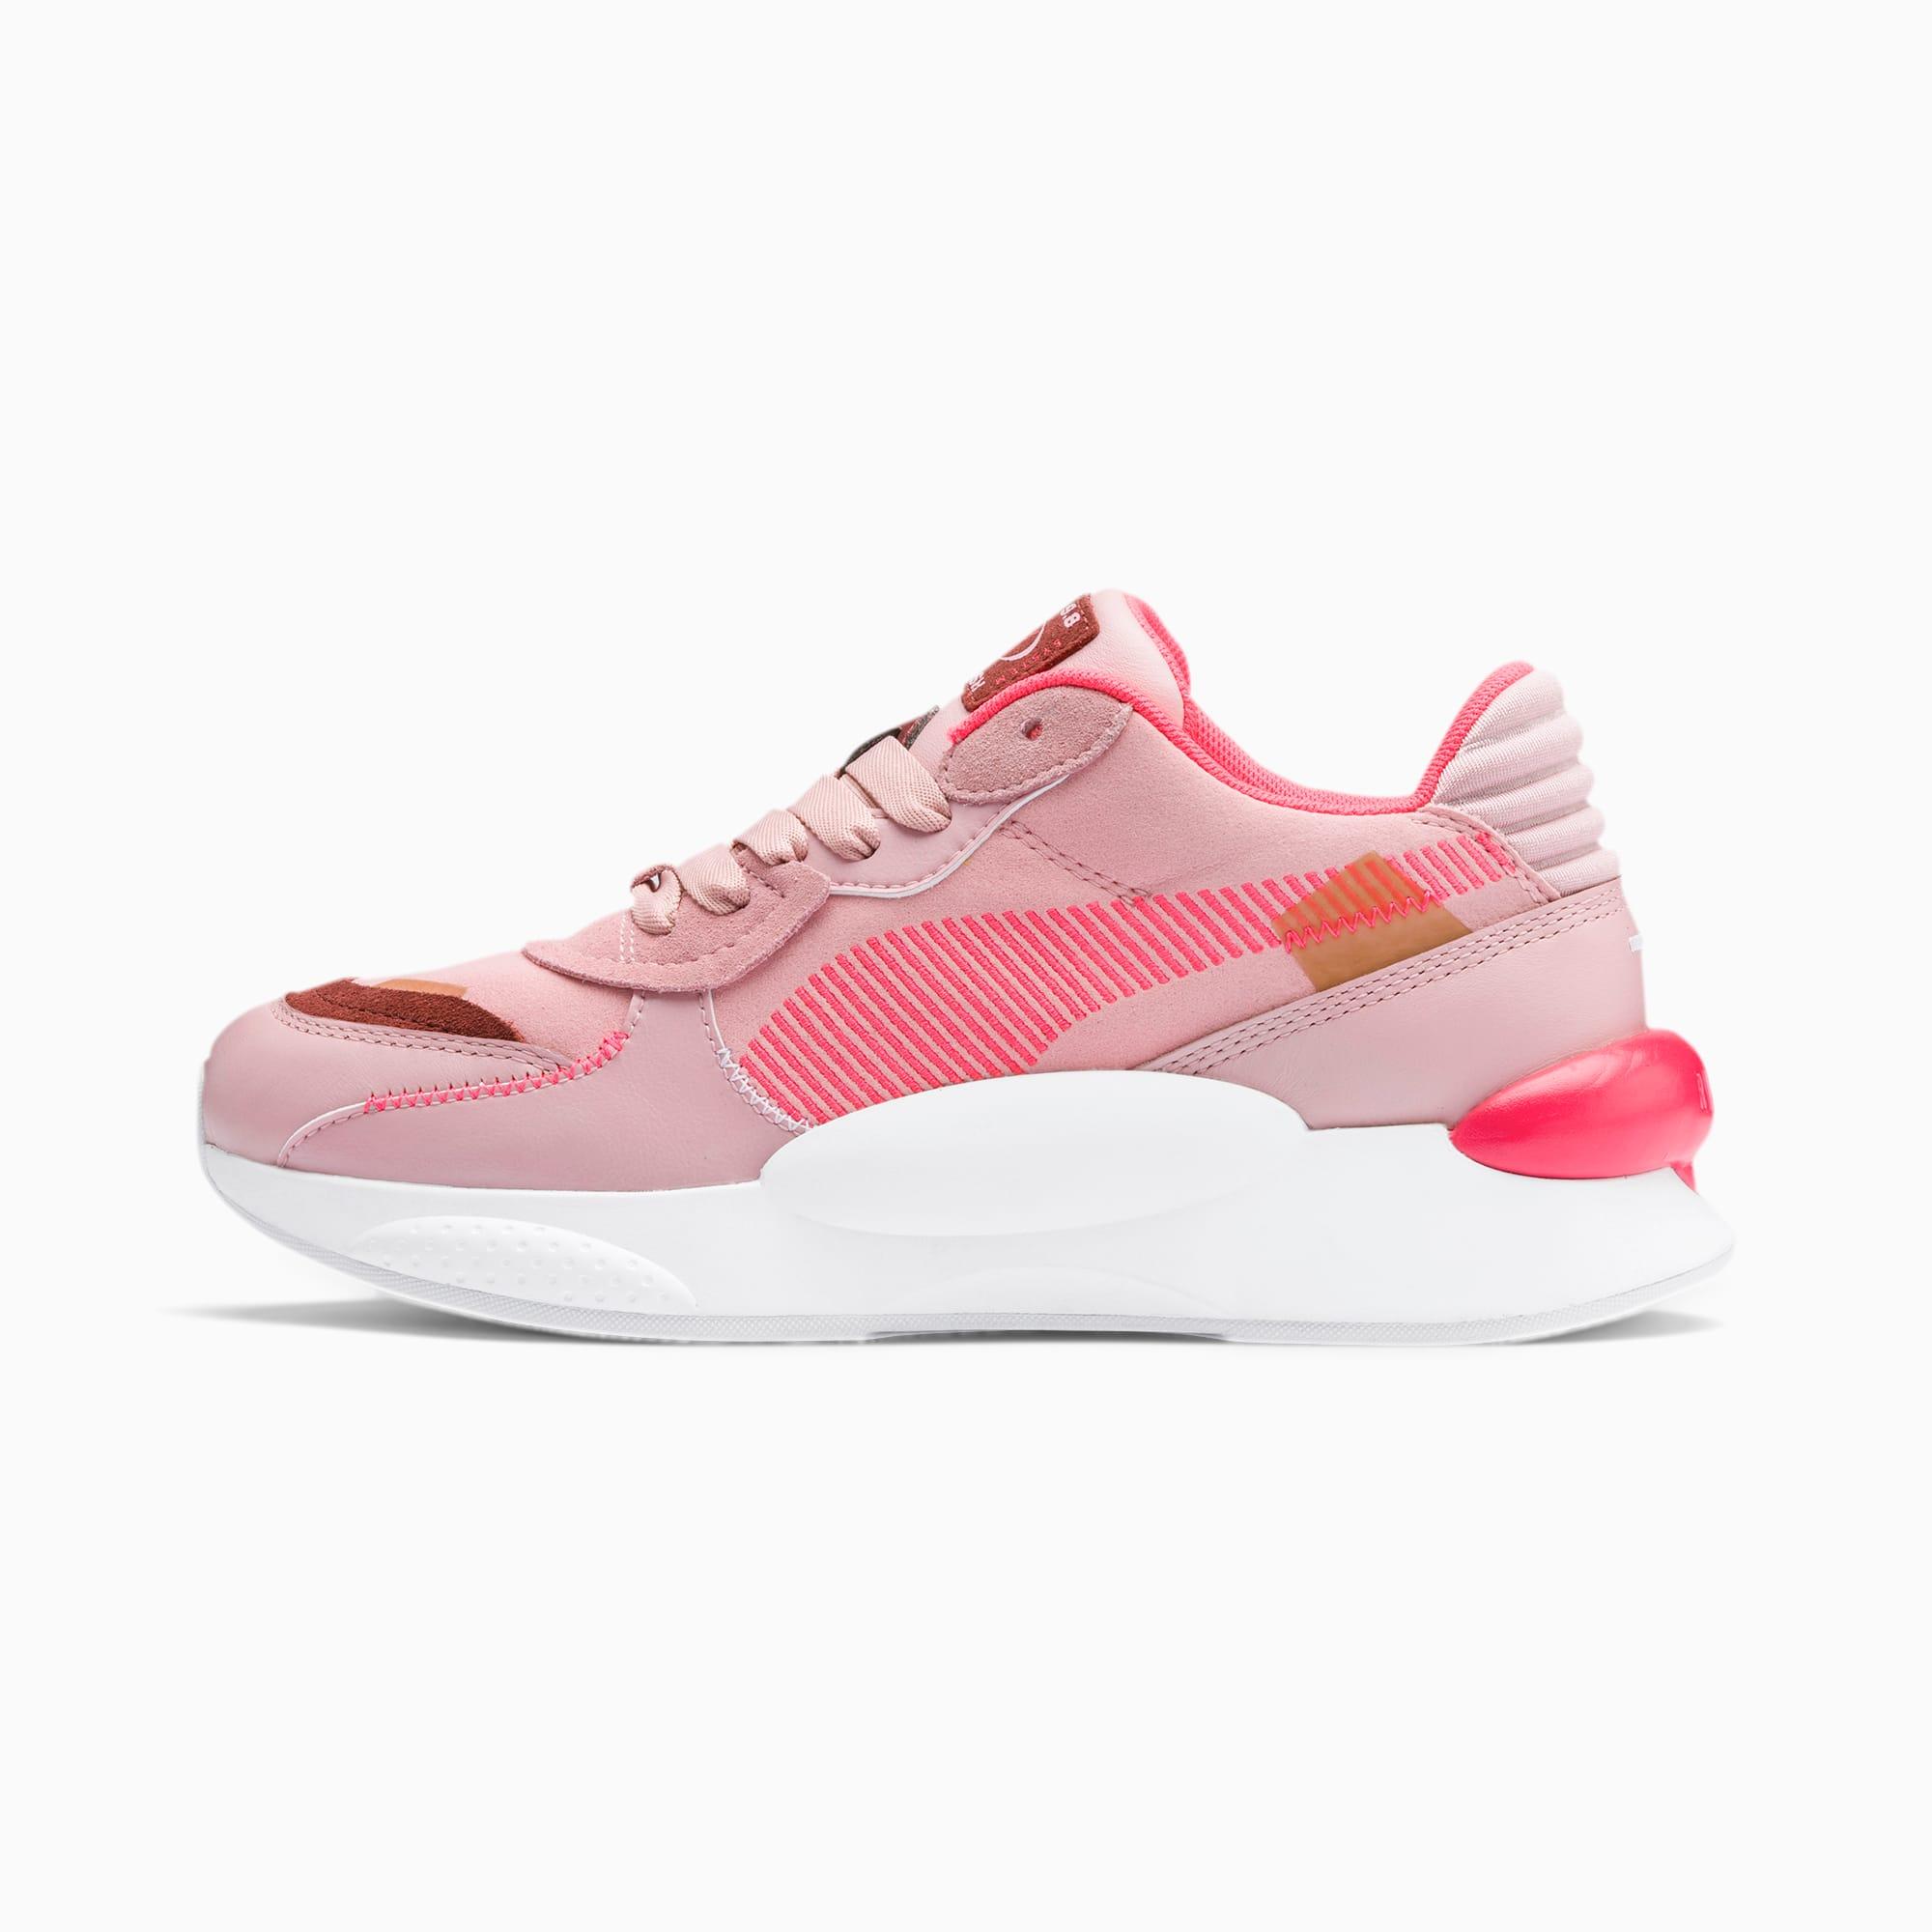 tenis puma rose femme